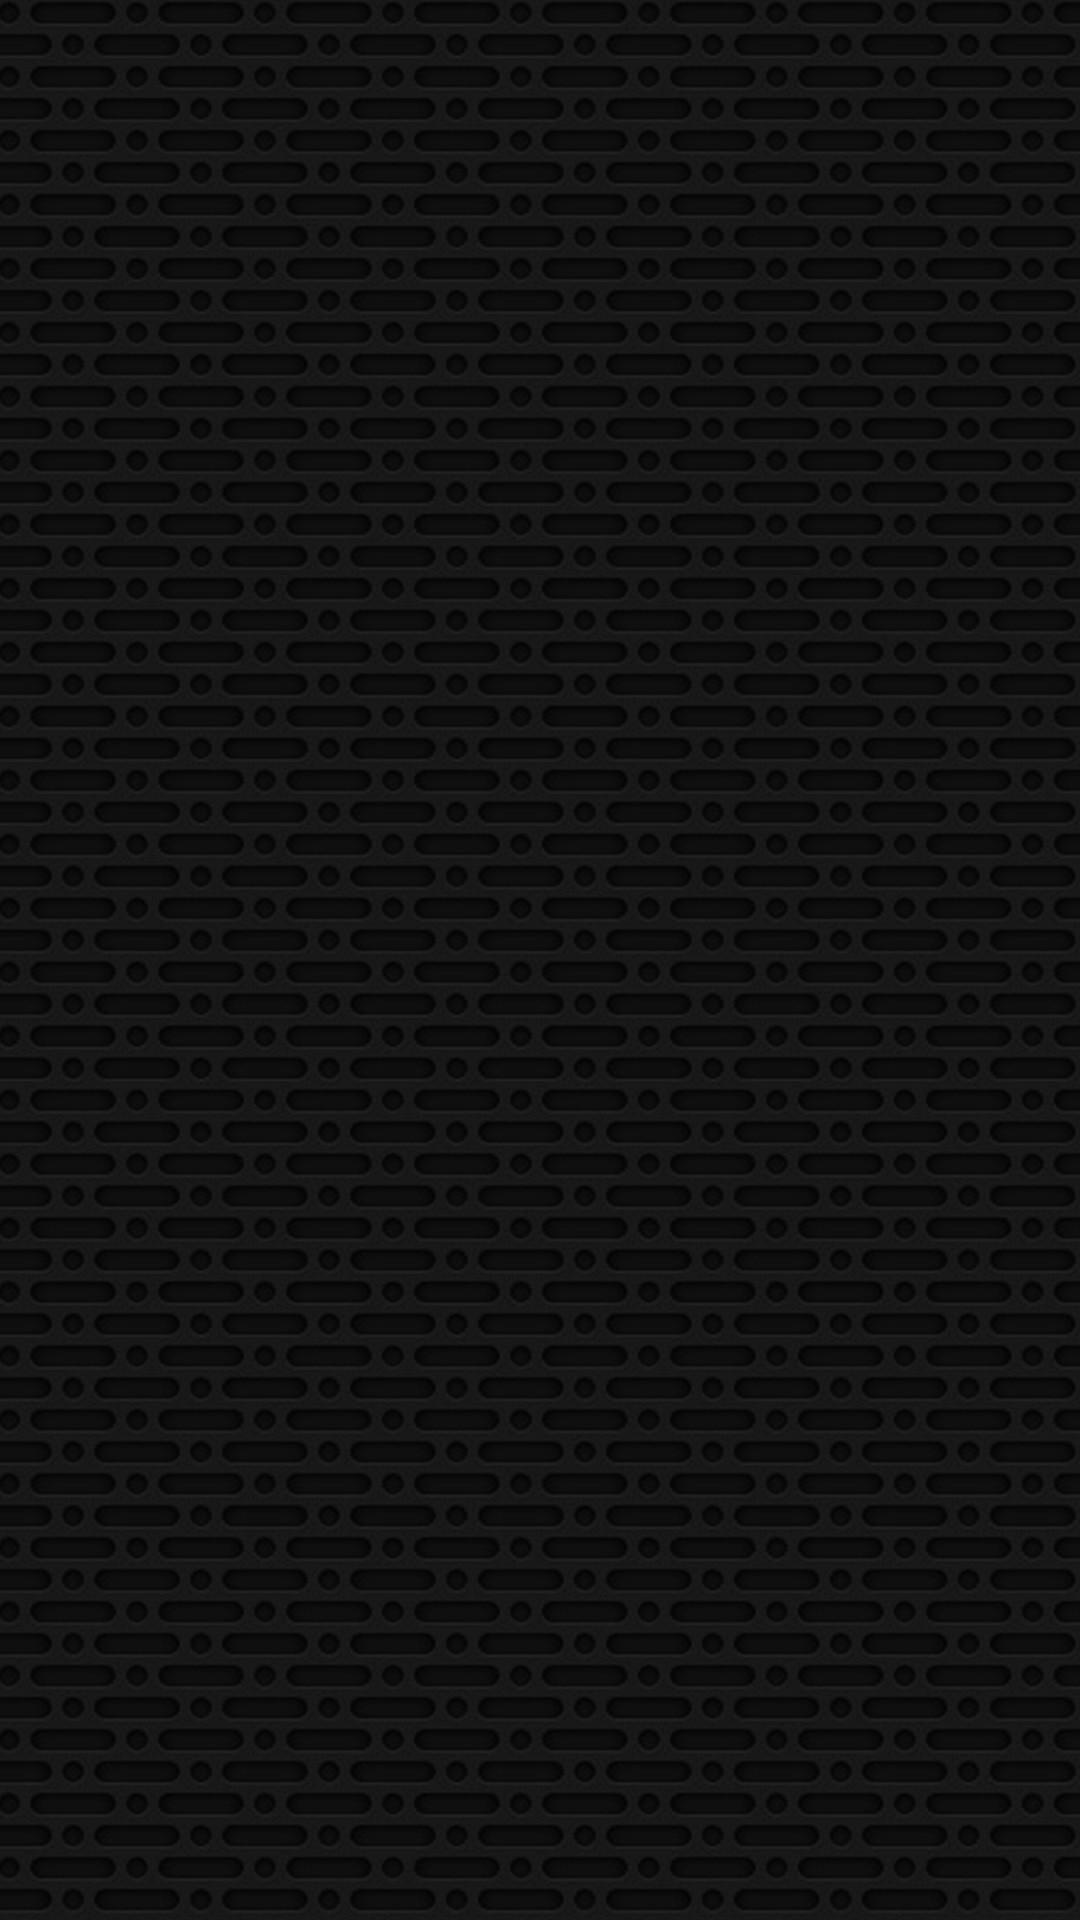 white flower iphone x wallpaper hd elegant iphone 6 grid wallpaper 80 images of white flower iphone x wallpaper hd 0d7c2f1aaf1204acf2b45f9764656aad raw